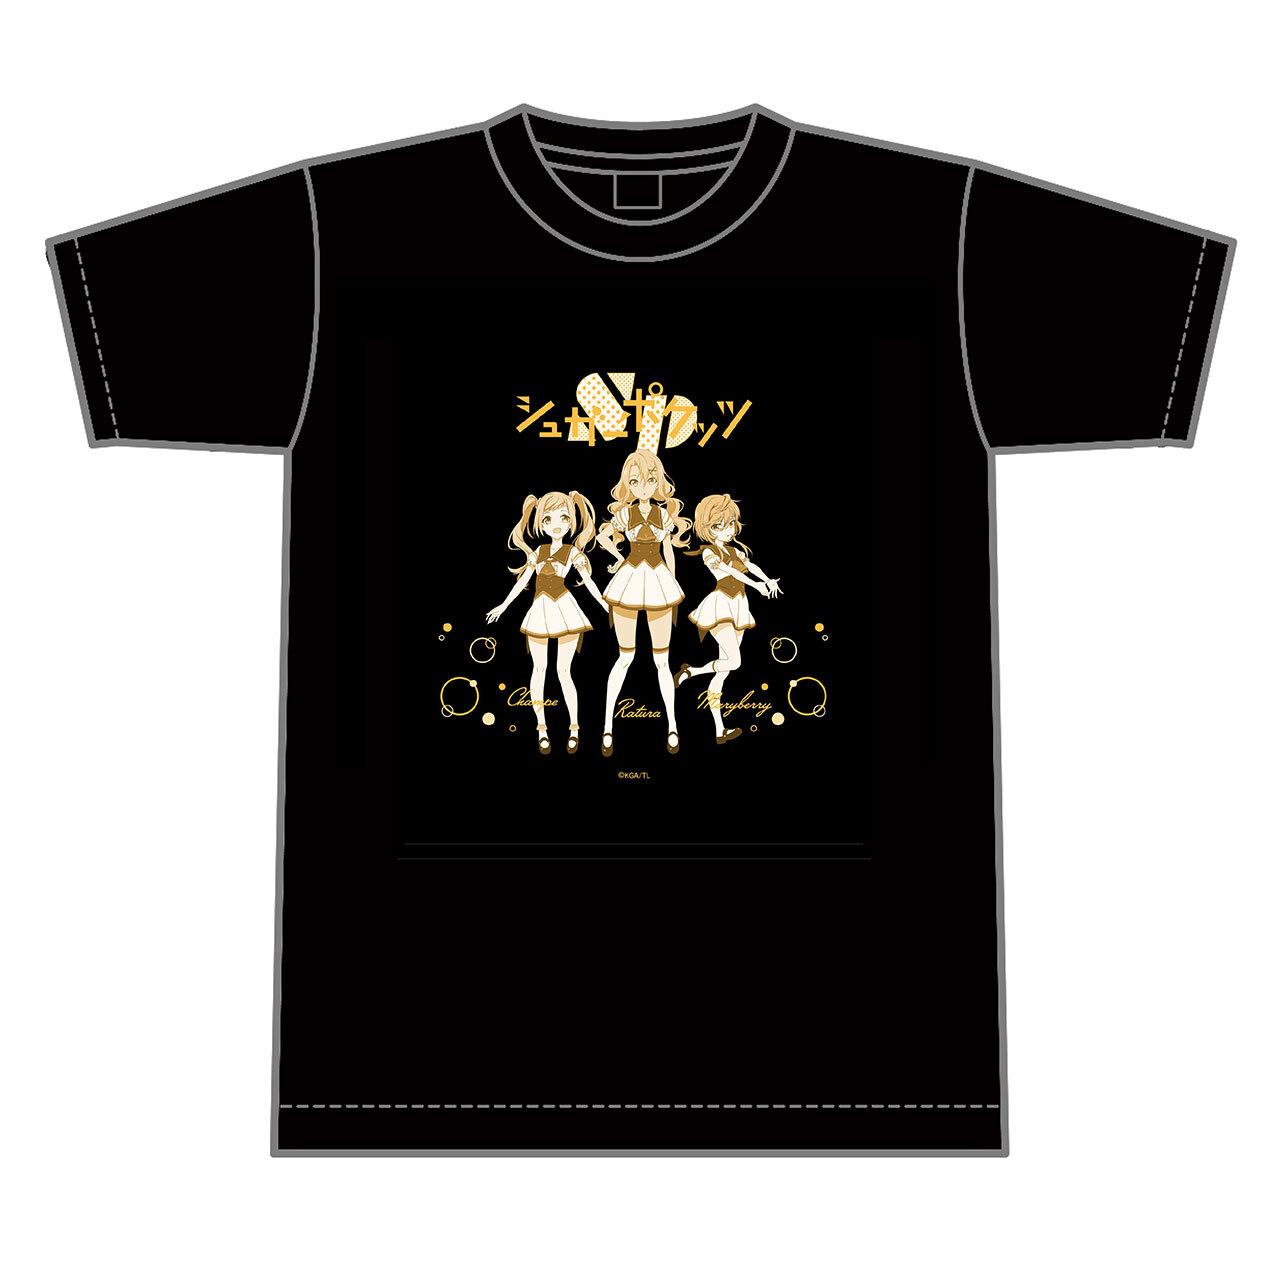 【4589839354530予】ラピスリライツ シュガーポケッツ Tシャツ 黒/Lサイズ